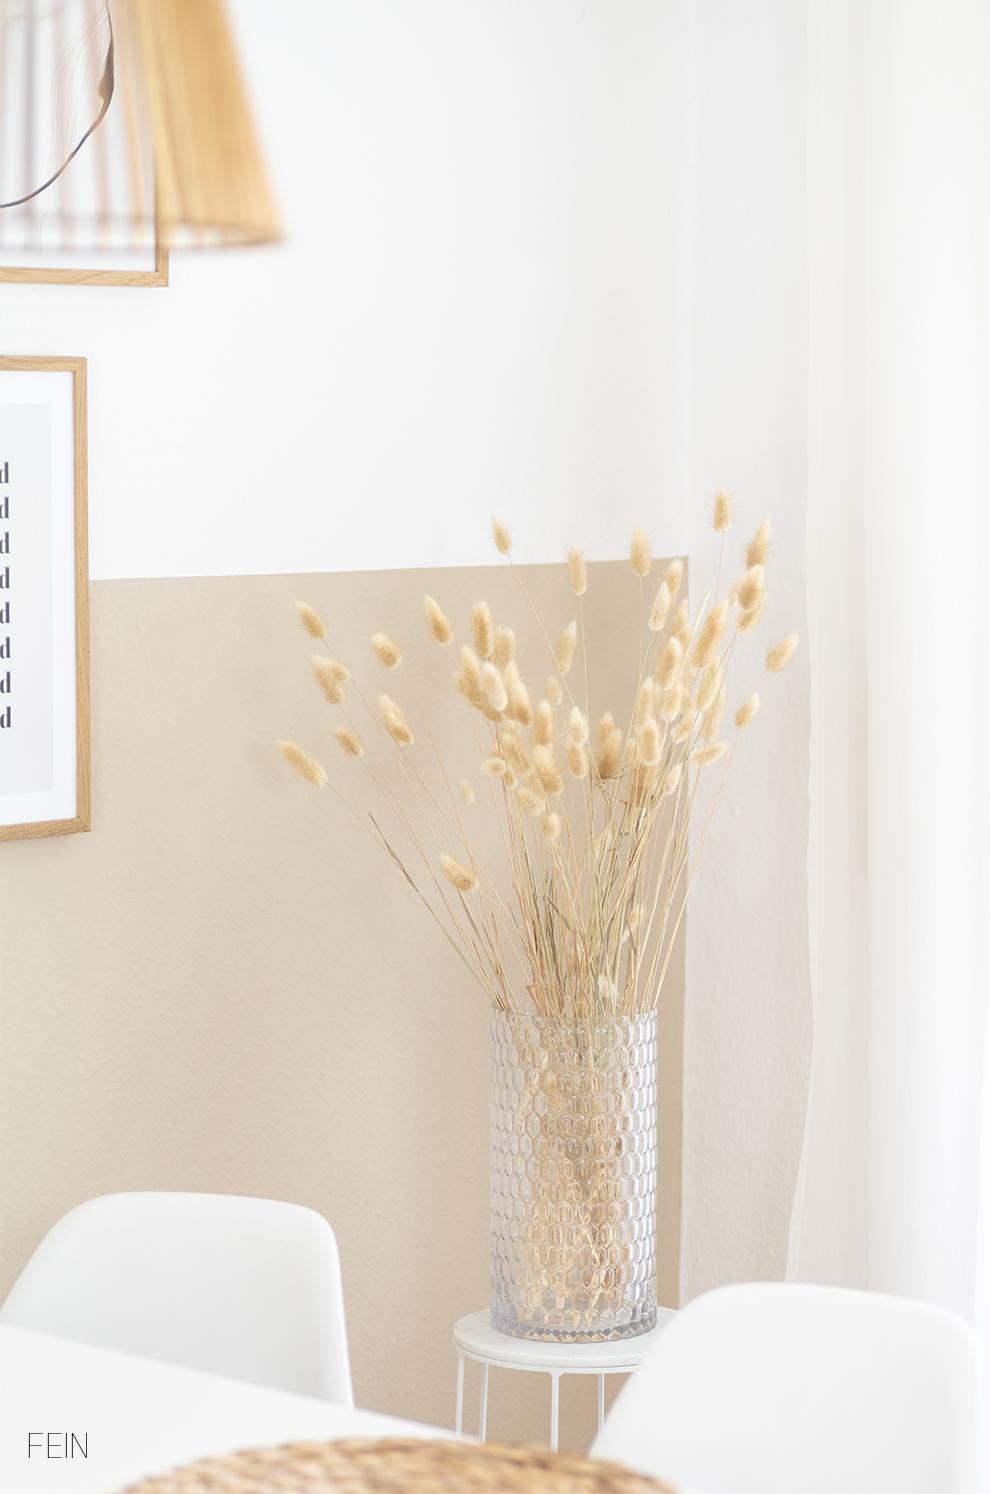 Inneneinrichtung White Interior